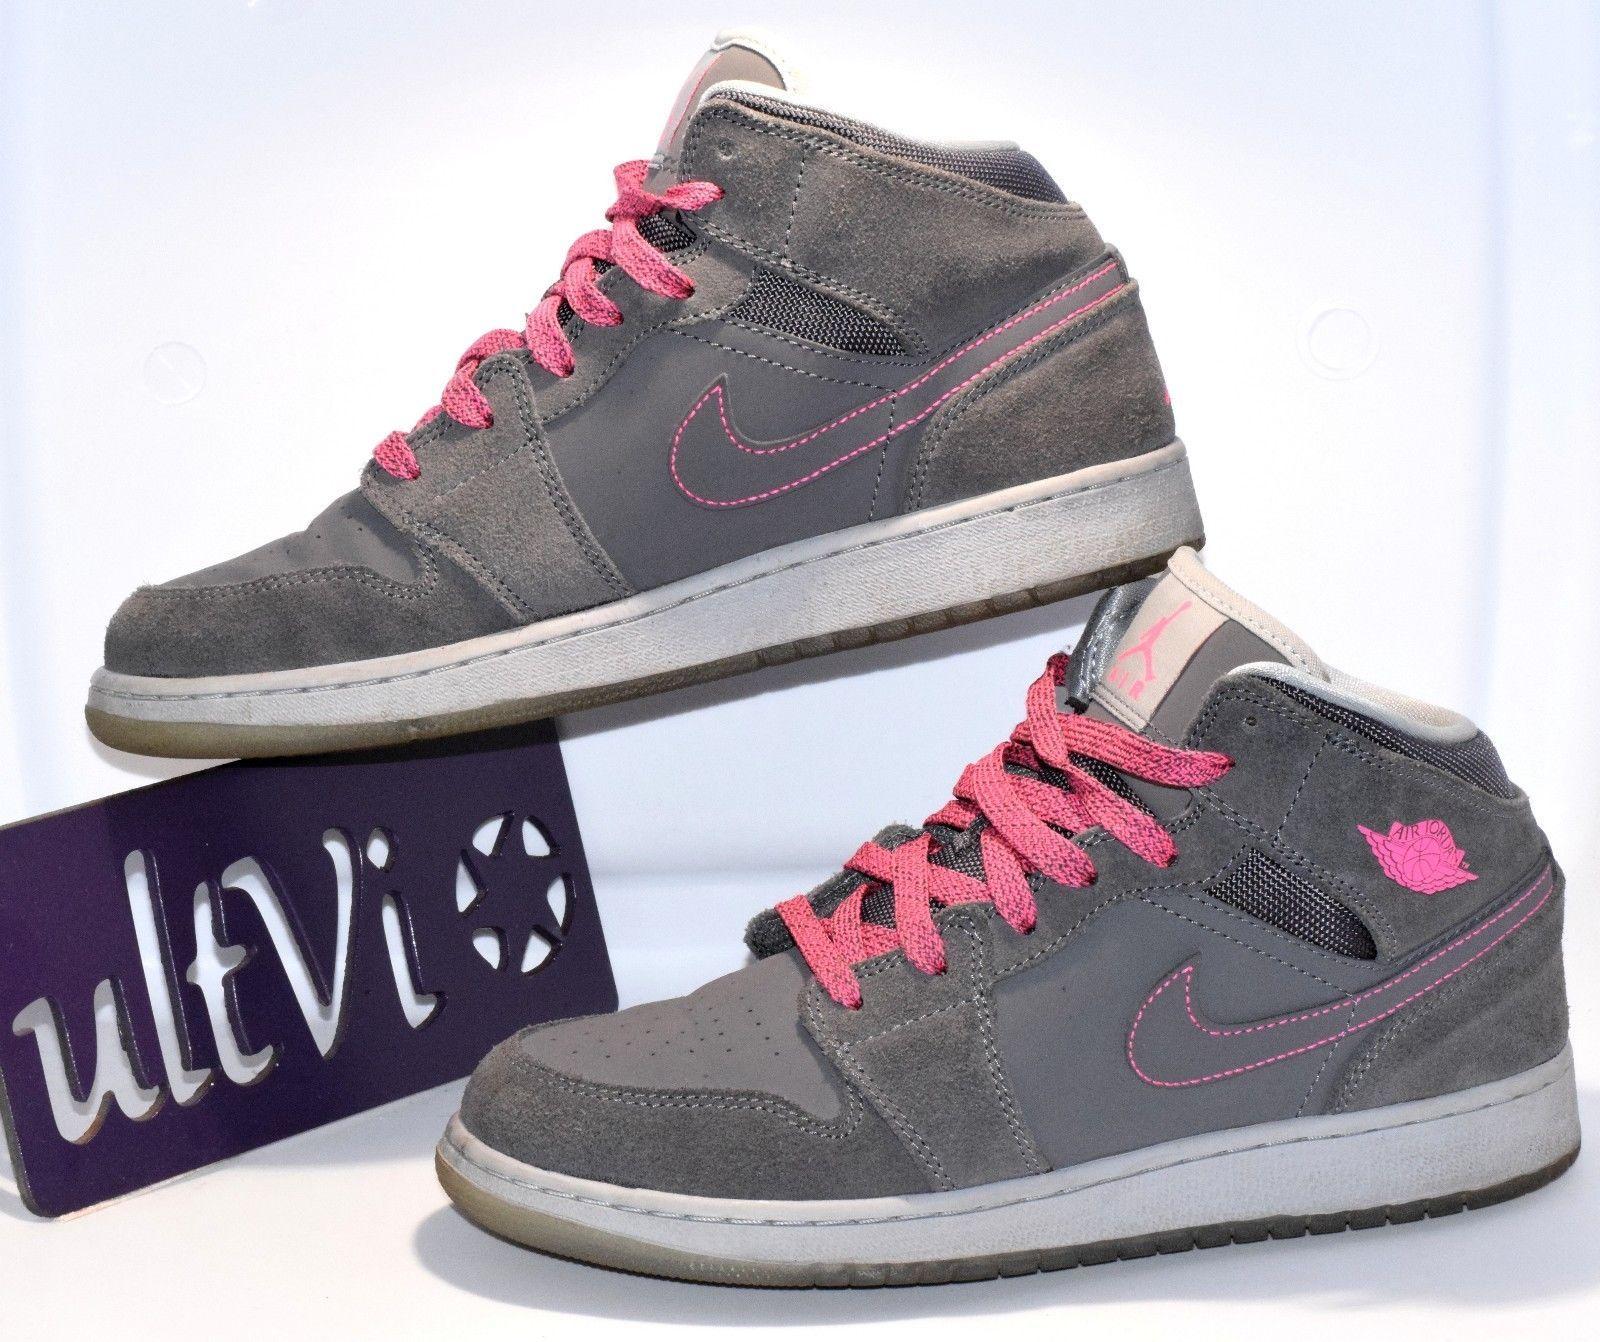 d791b57d7608 Nike size 7 youth   9 women Air Jordan 1 mid and 50 similar items